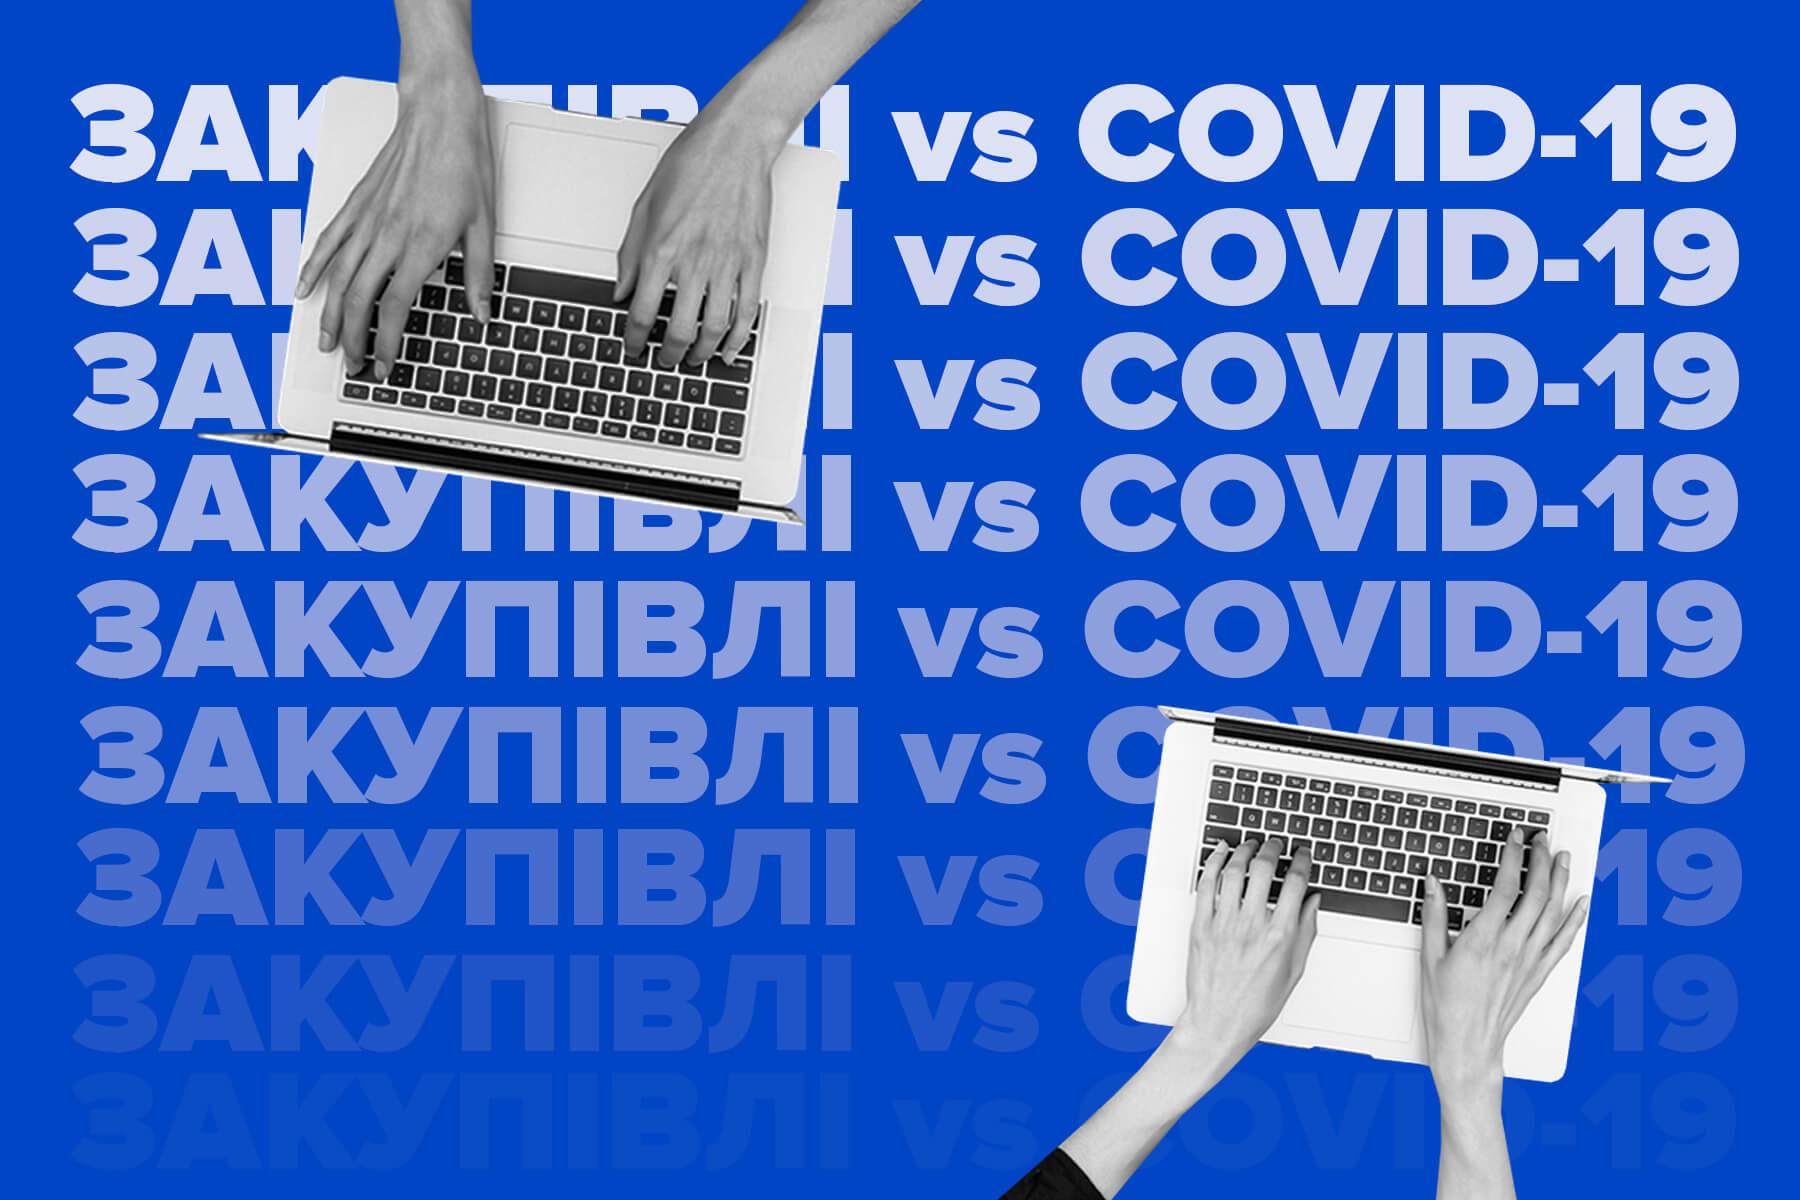 Як відкриті підходи до закупівель допомагають Україні подолати COVID-19